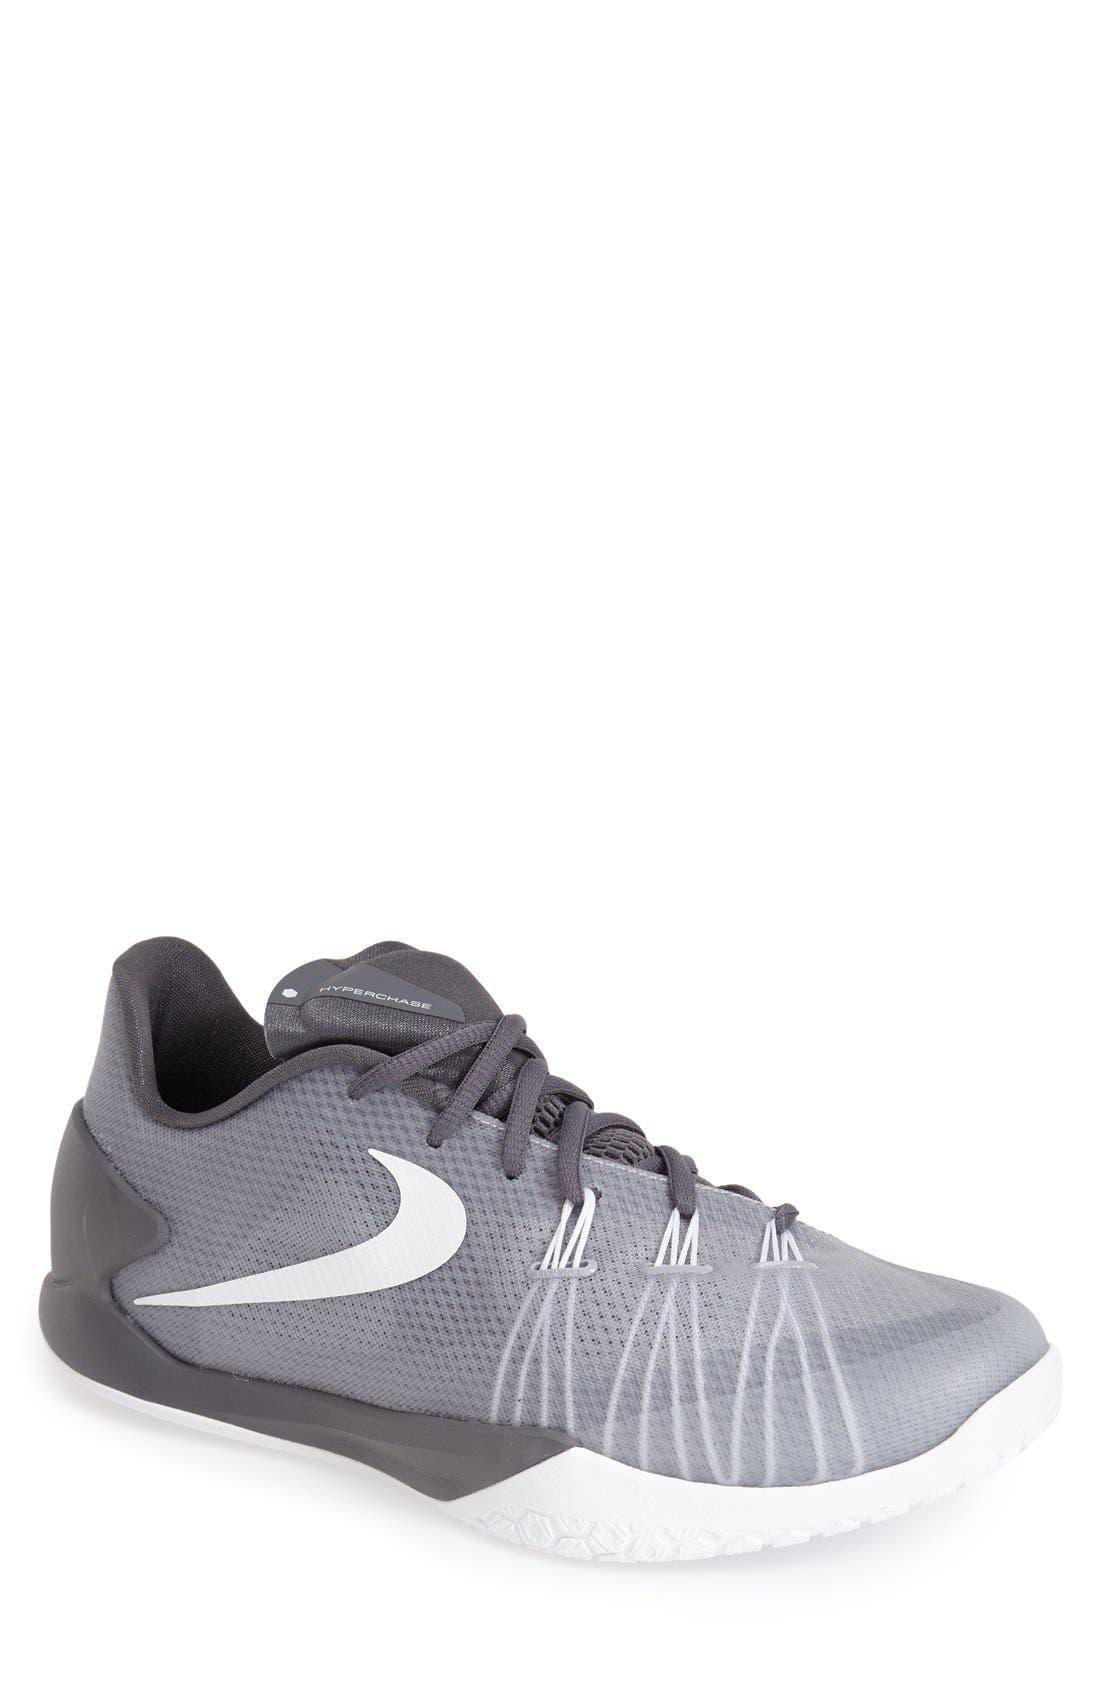 'Hyperchase' Basketball Shoe,                             Main thumbnail 1, color,                             090